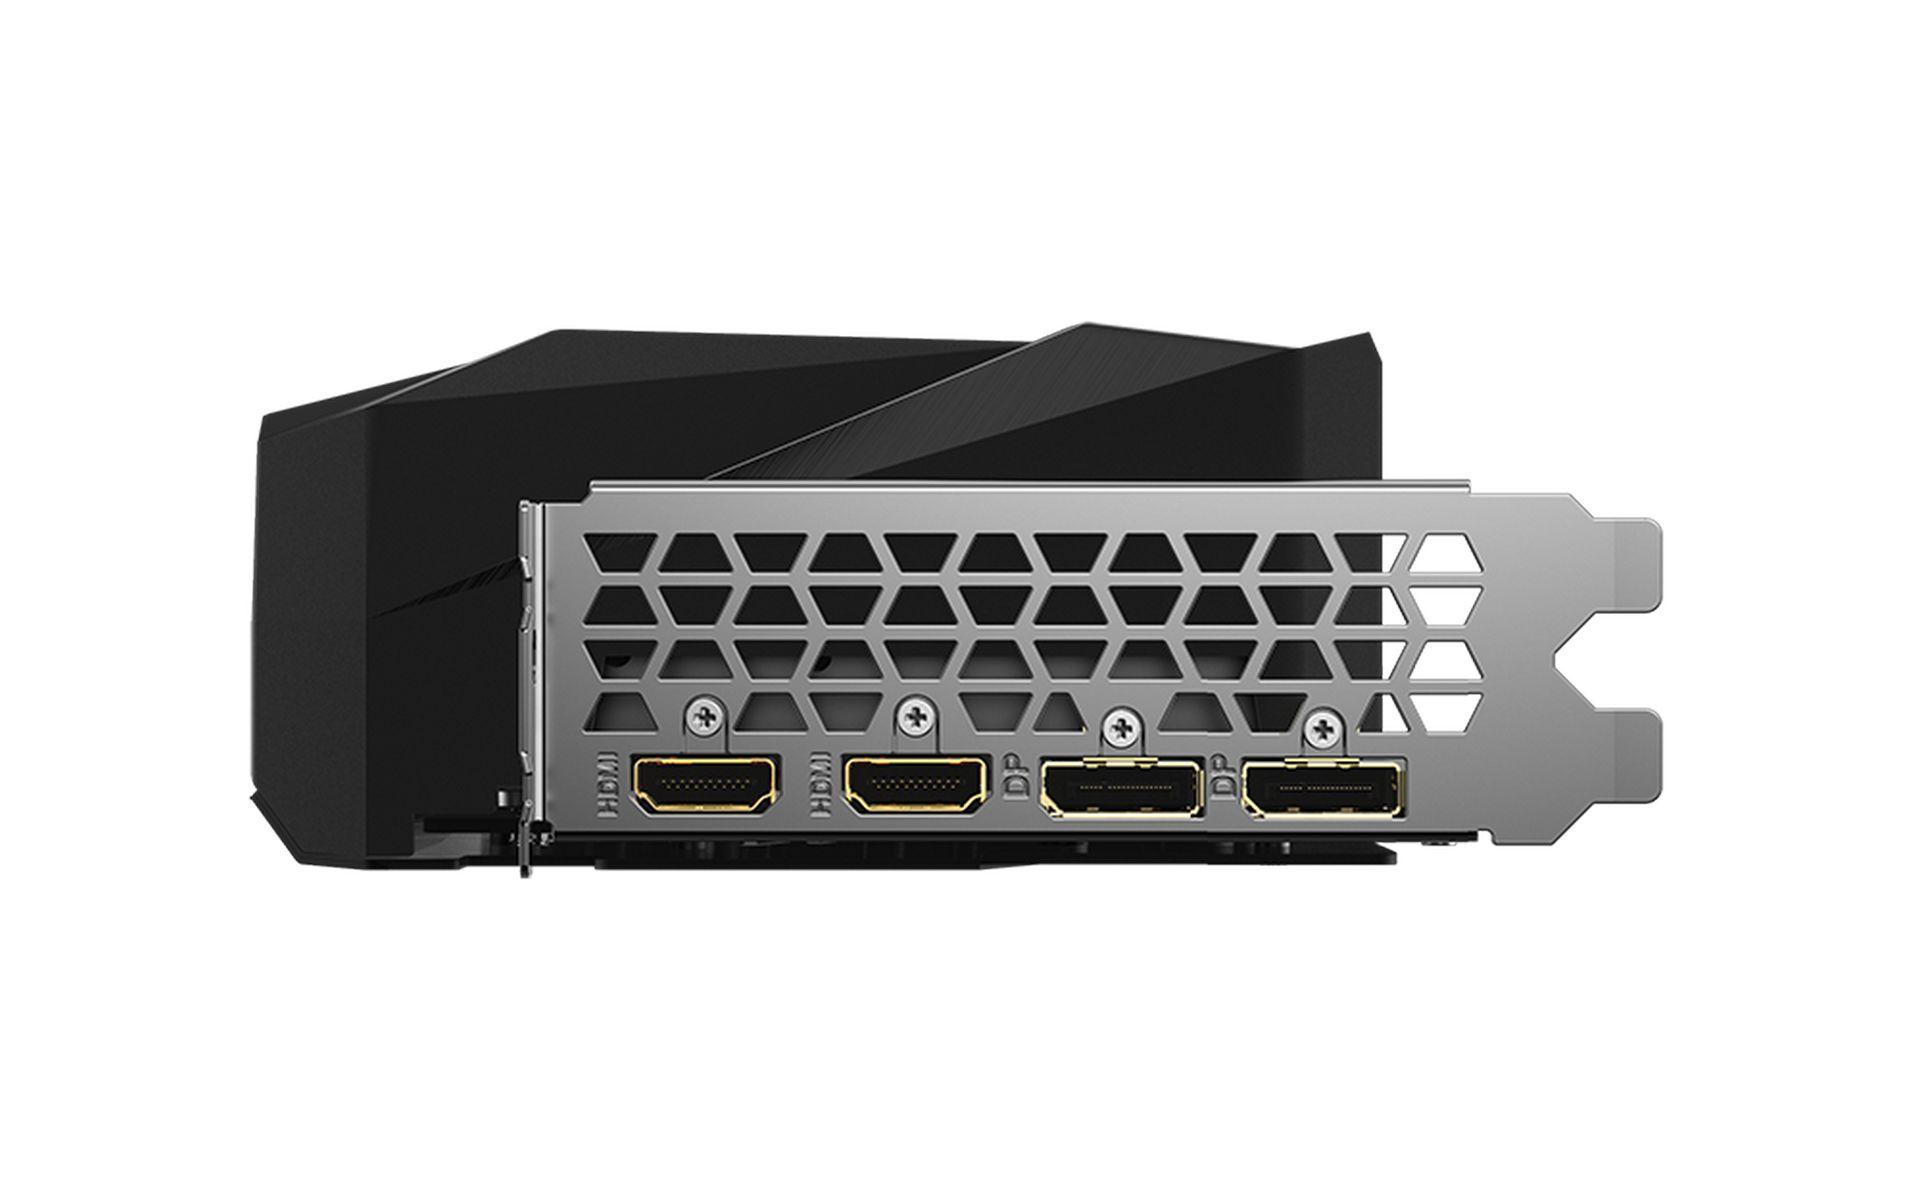 Giga RX 6800 XT AORUS MASTER 16G cũng có lớp phủ PCB cấp hàng không vũ trụ